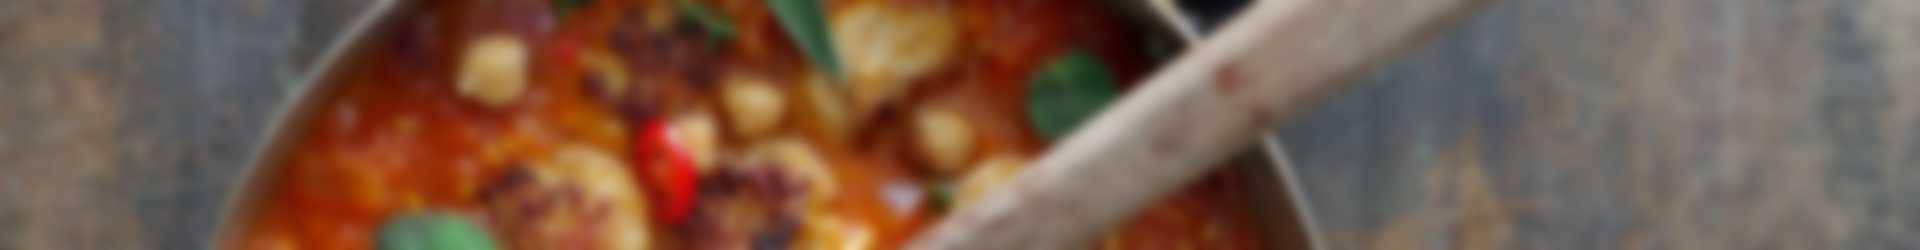 tomaat-kip